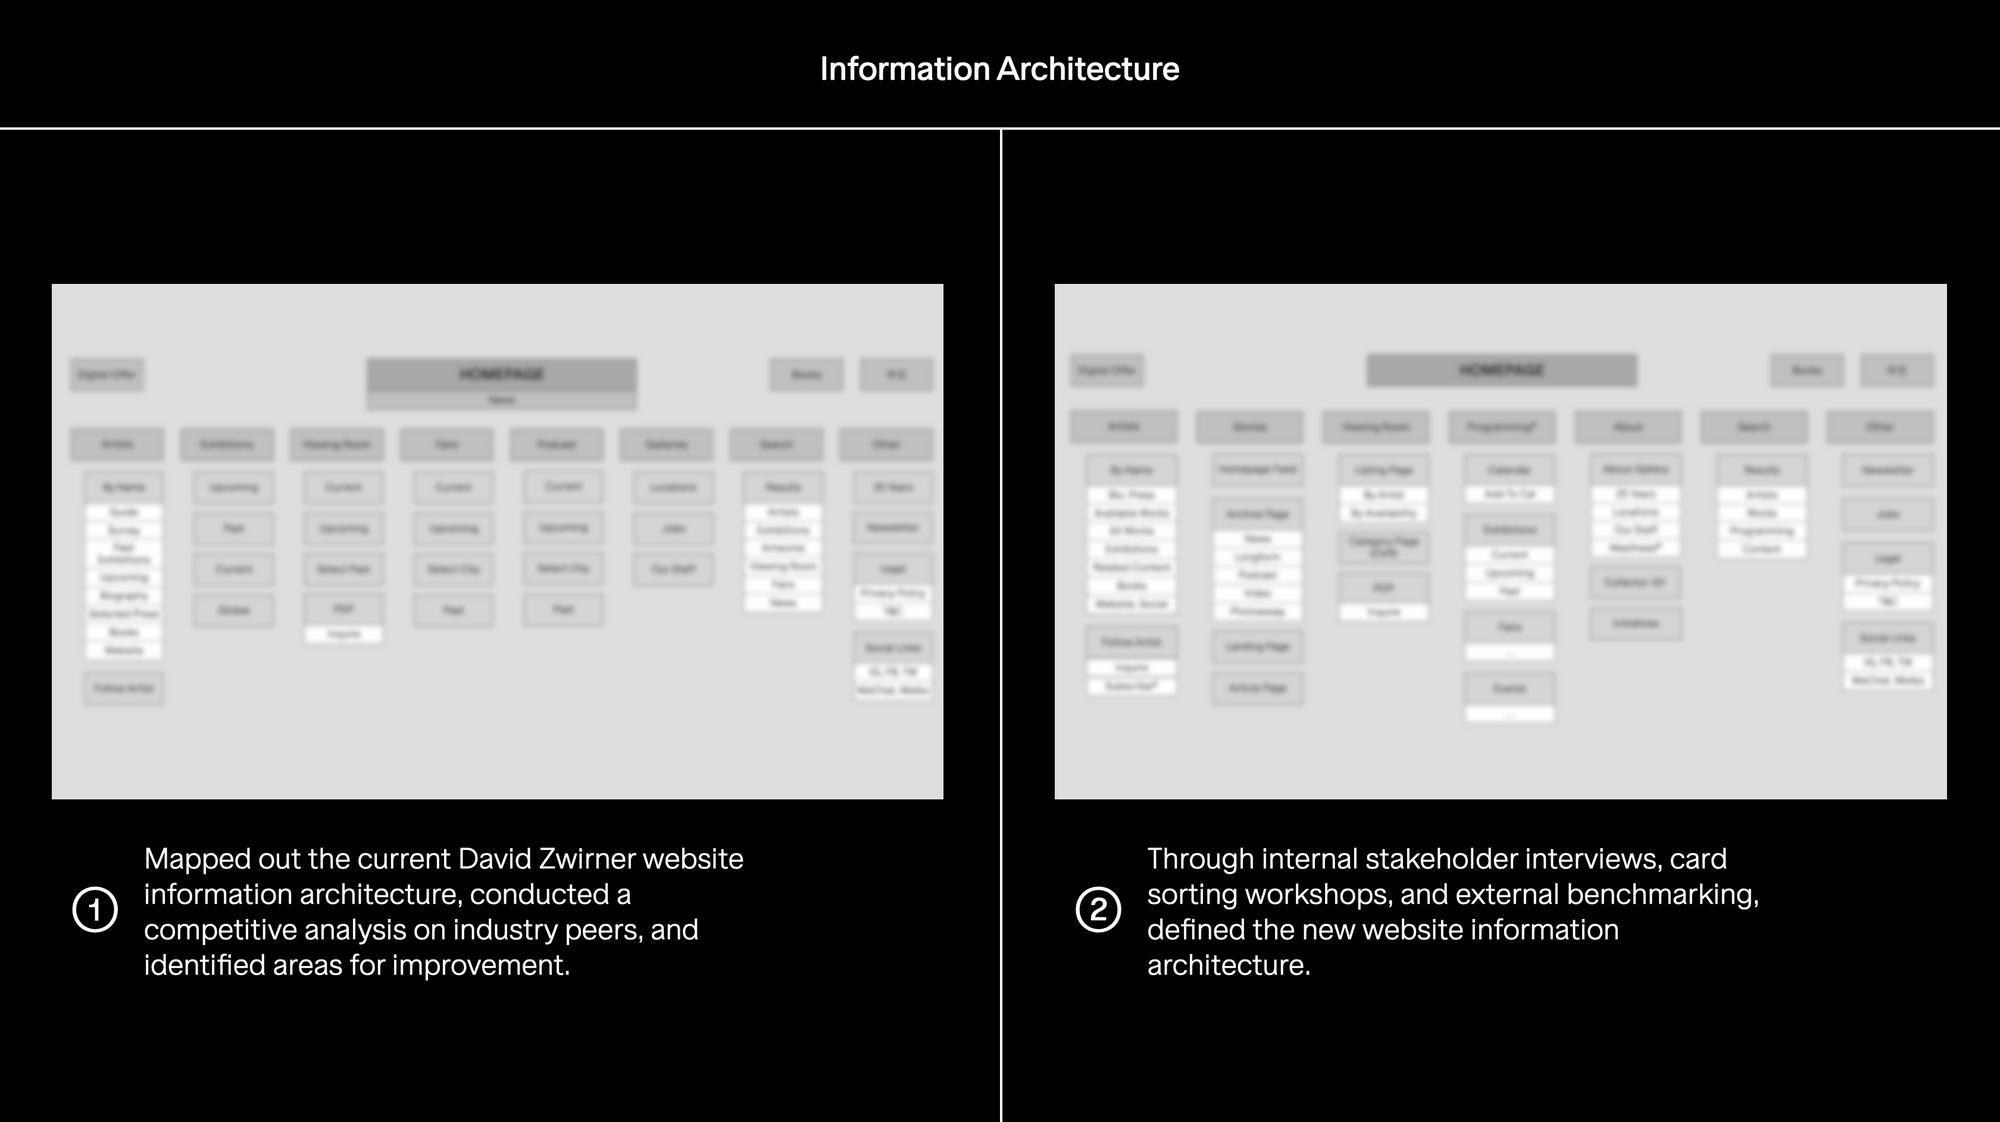 David Zwirner: Information Architecture